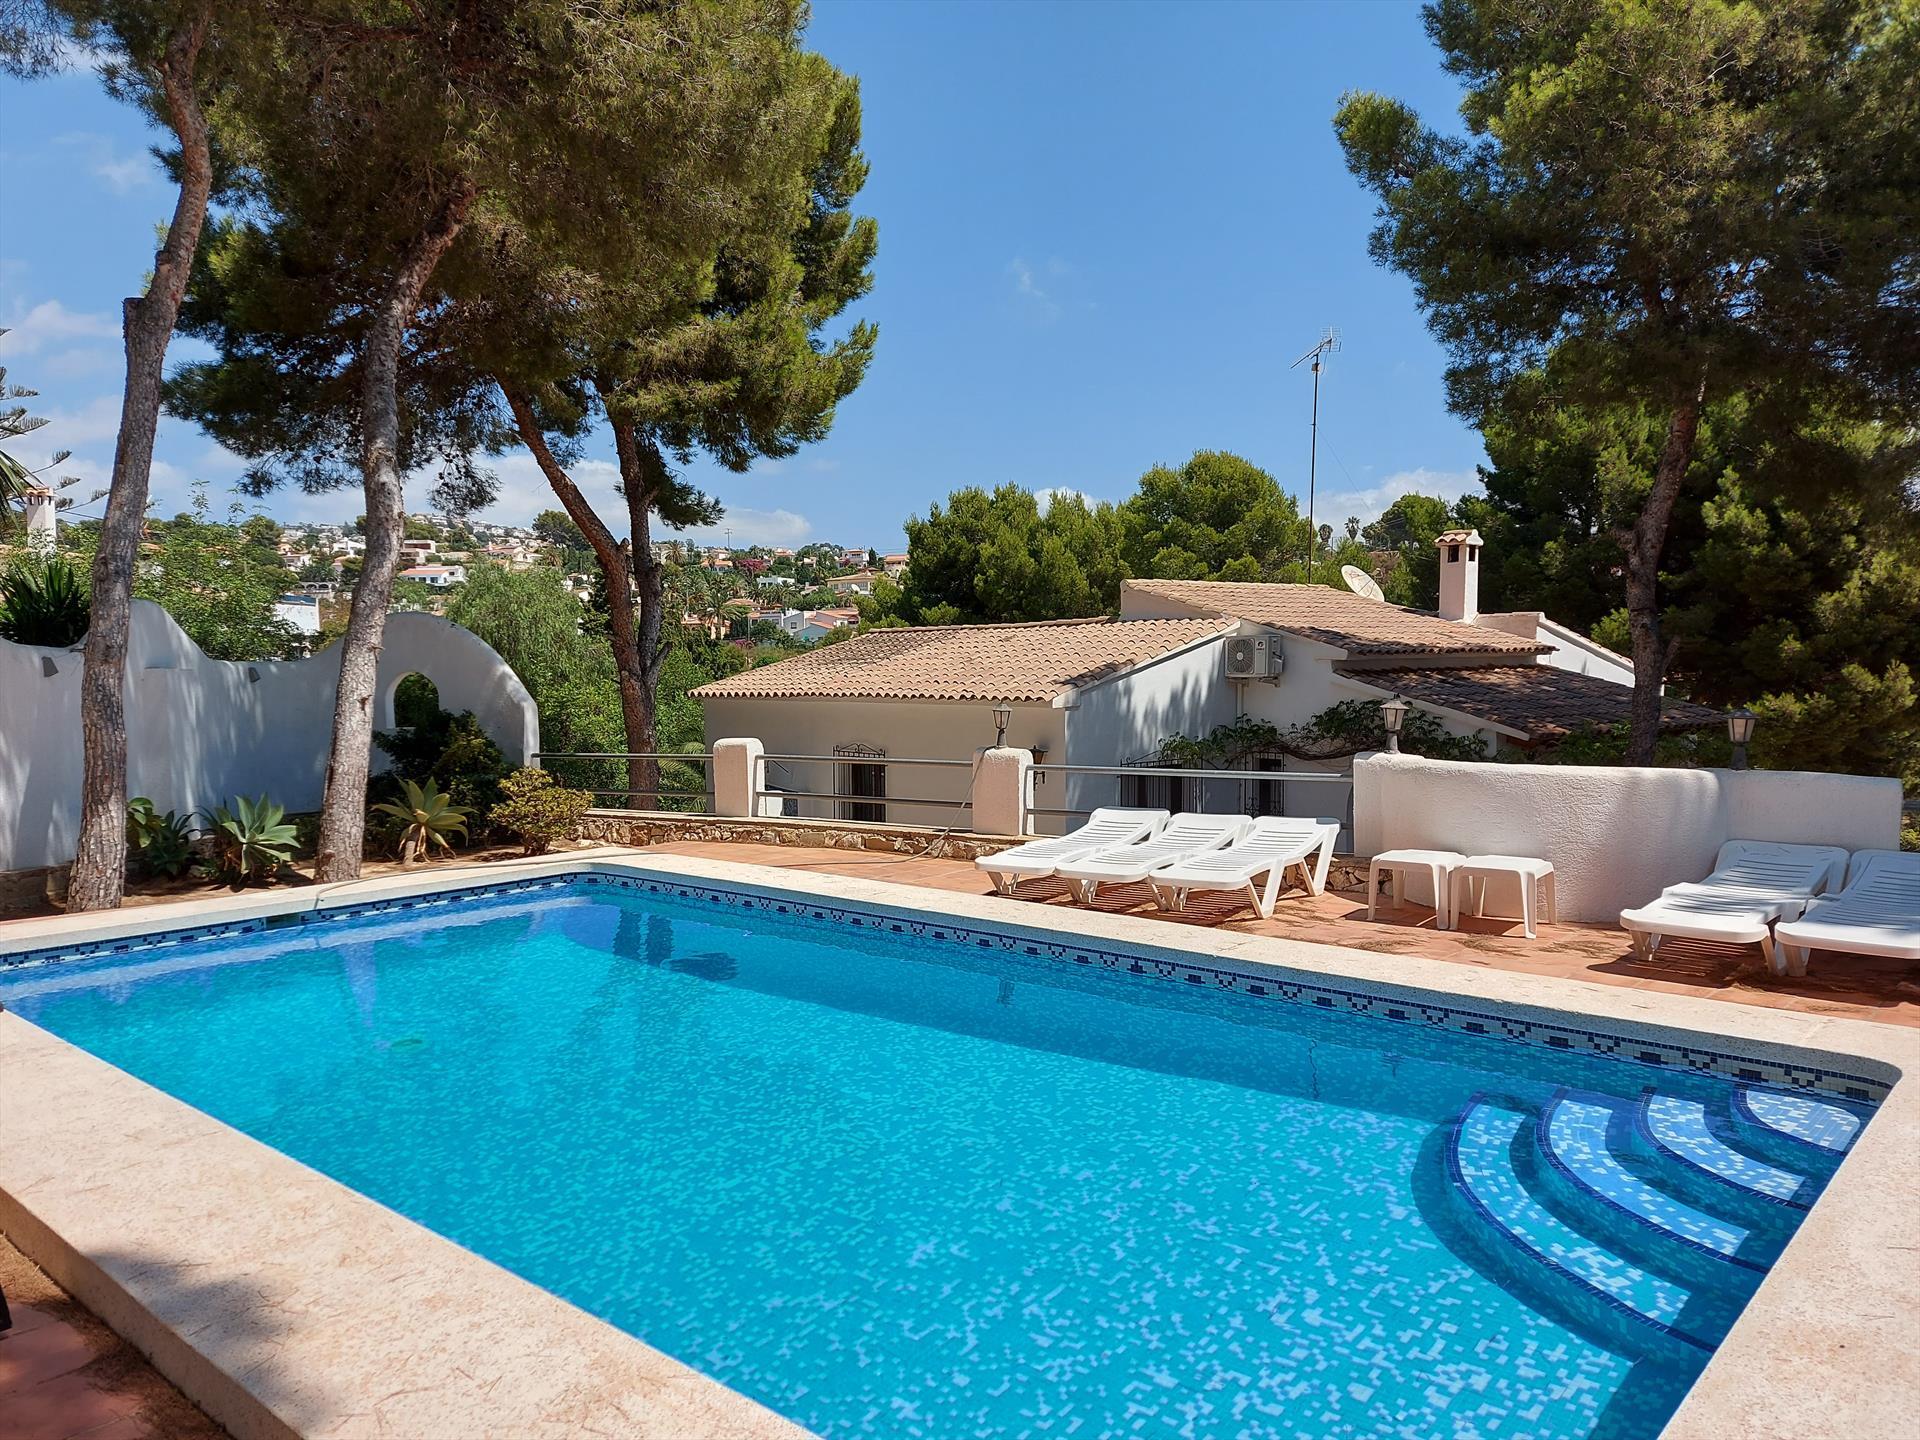 Villa 2018,Villa in Moraira, an der Costa Blanca, Spanien  mit privatem Pool für 12 Personen.....